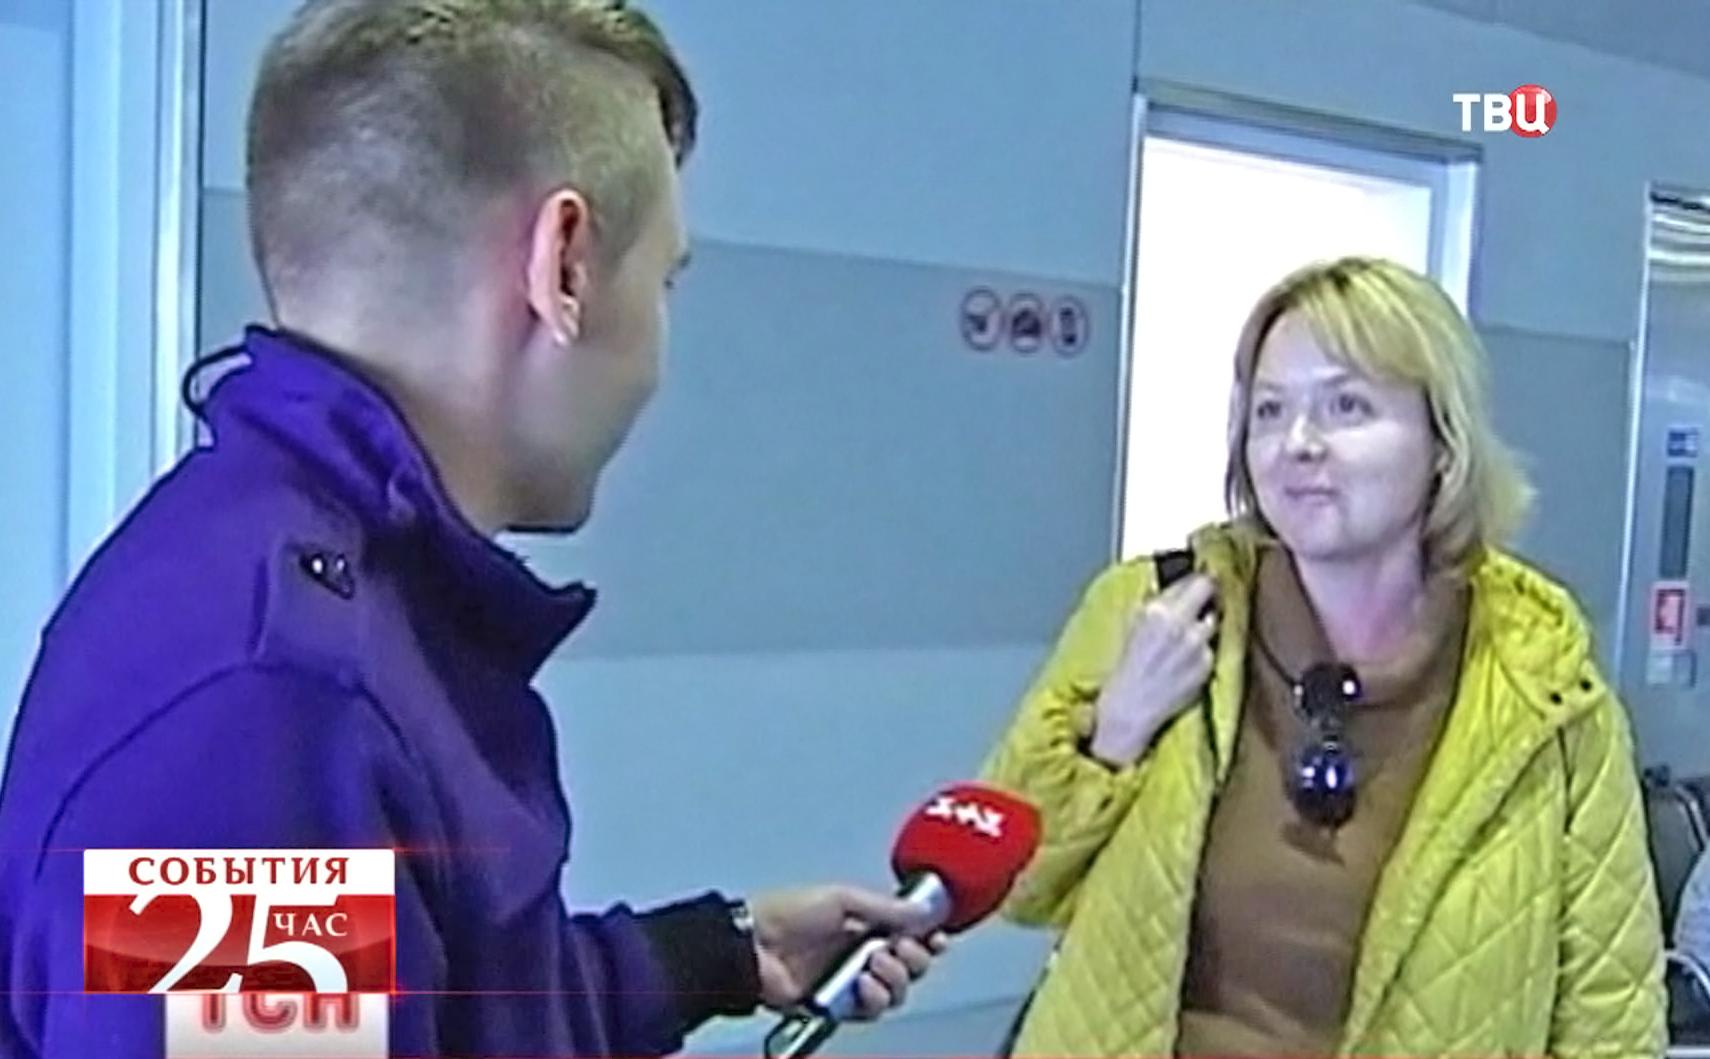 У корреспондента Веры Кузьминой берут интервью